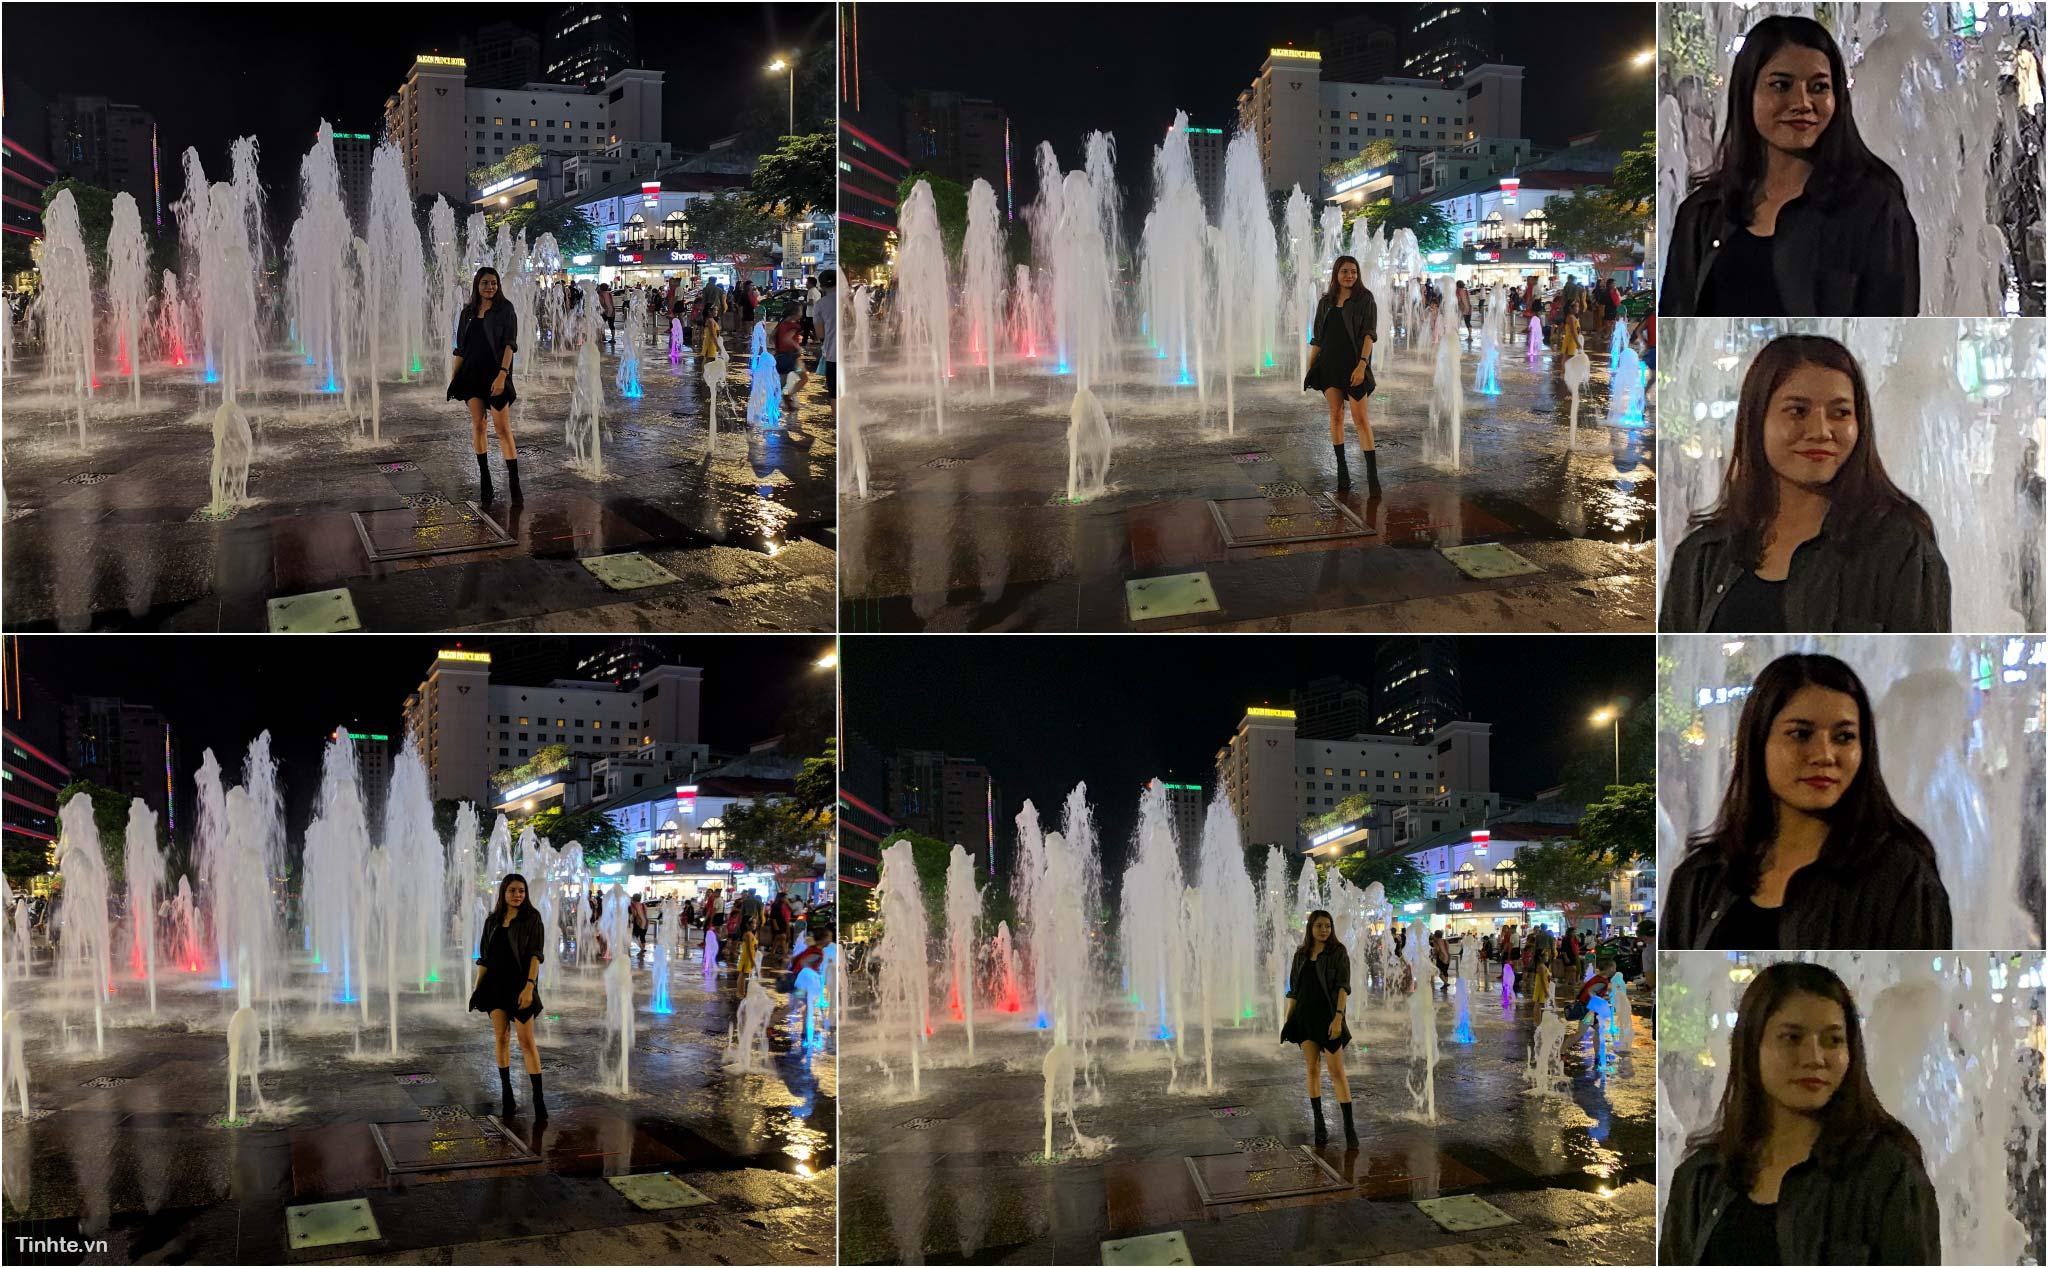 tinhte_so_sanh_anh_chup_dem_16.jpg